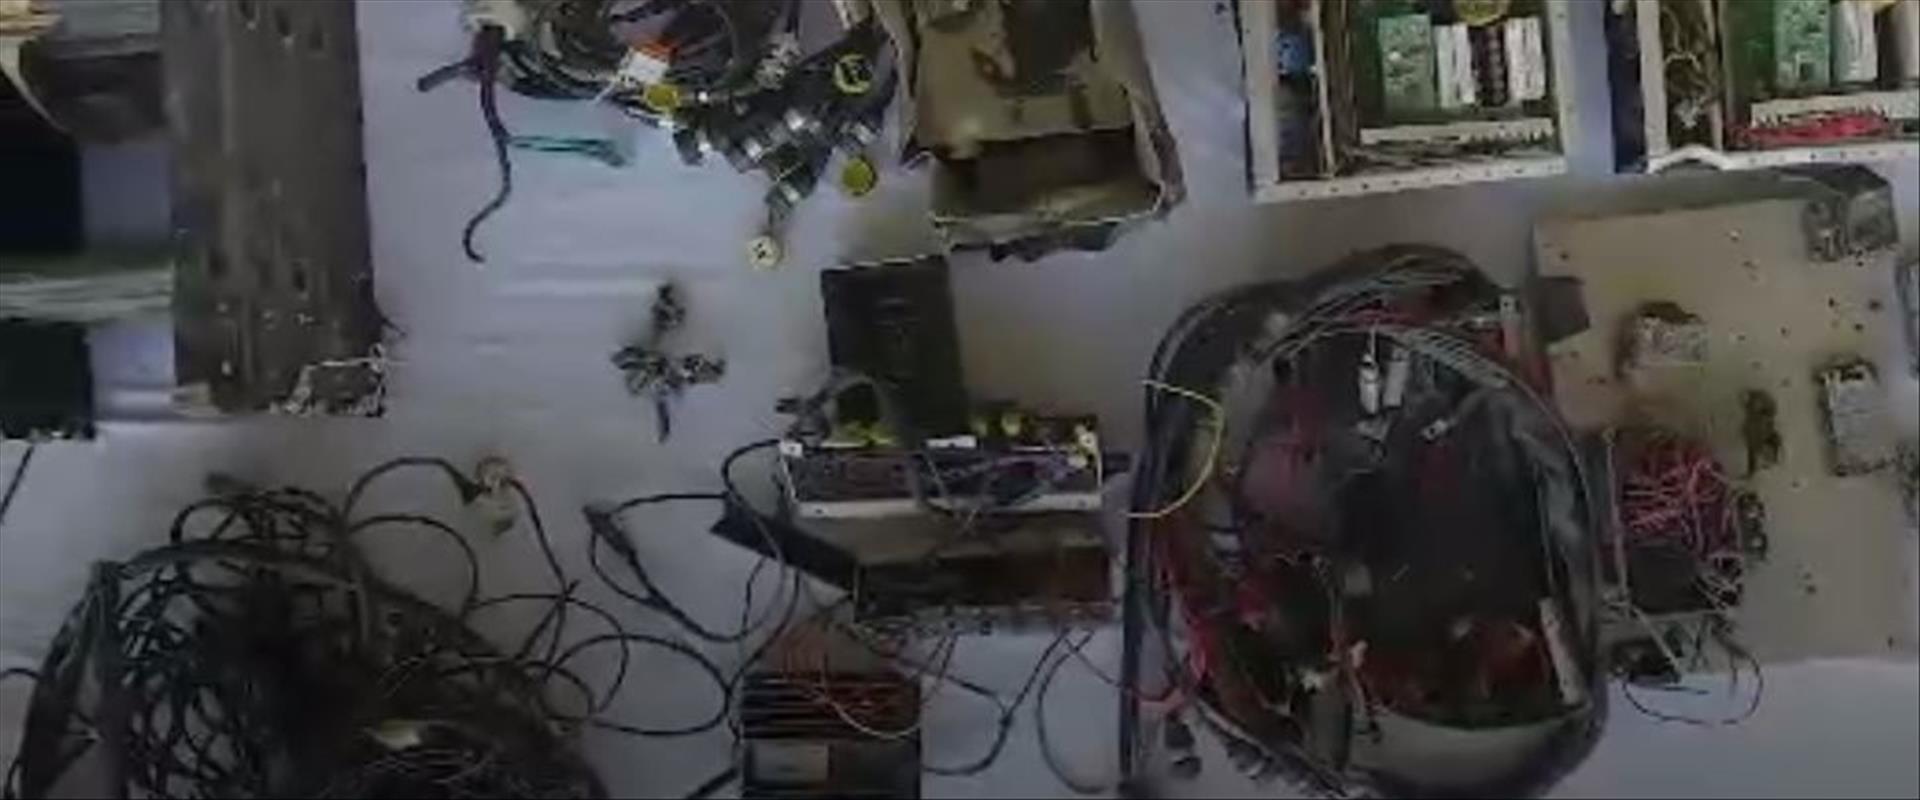 תיעוד חמאס של חומרים שנתפסו בפעולה בחאן יונס